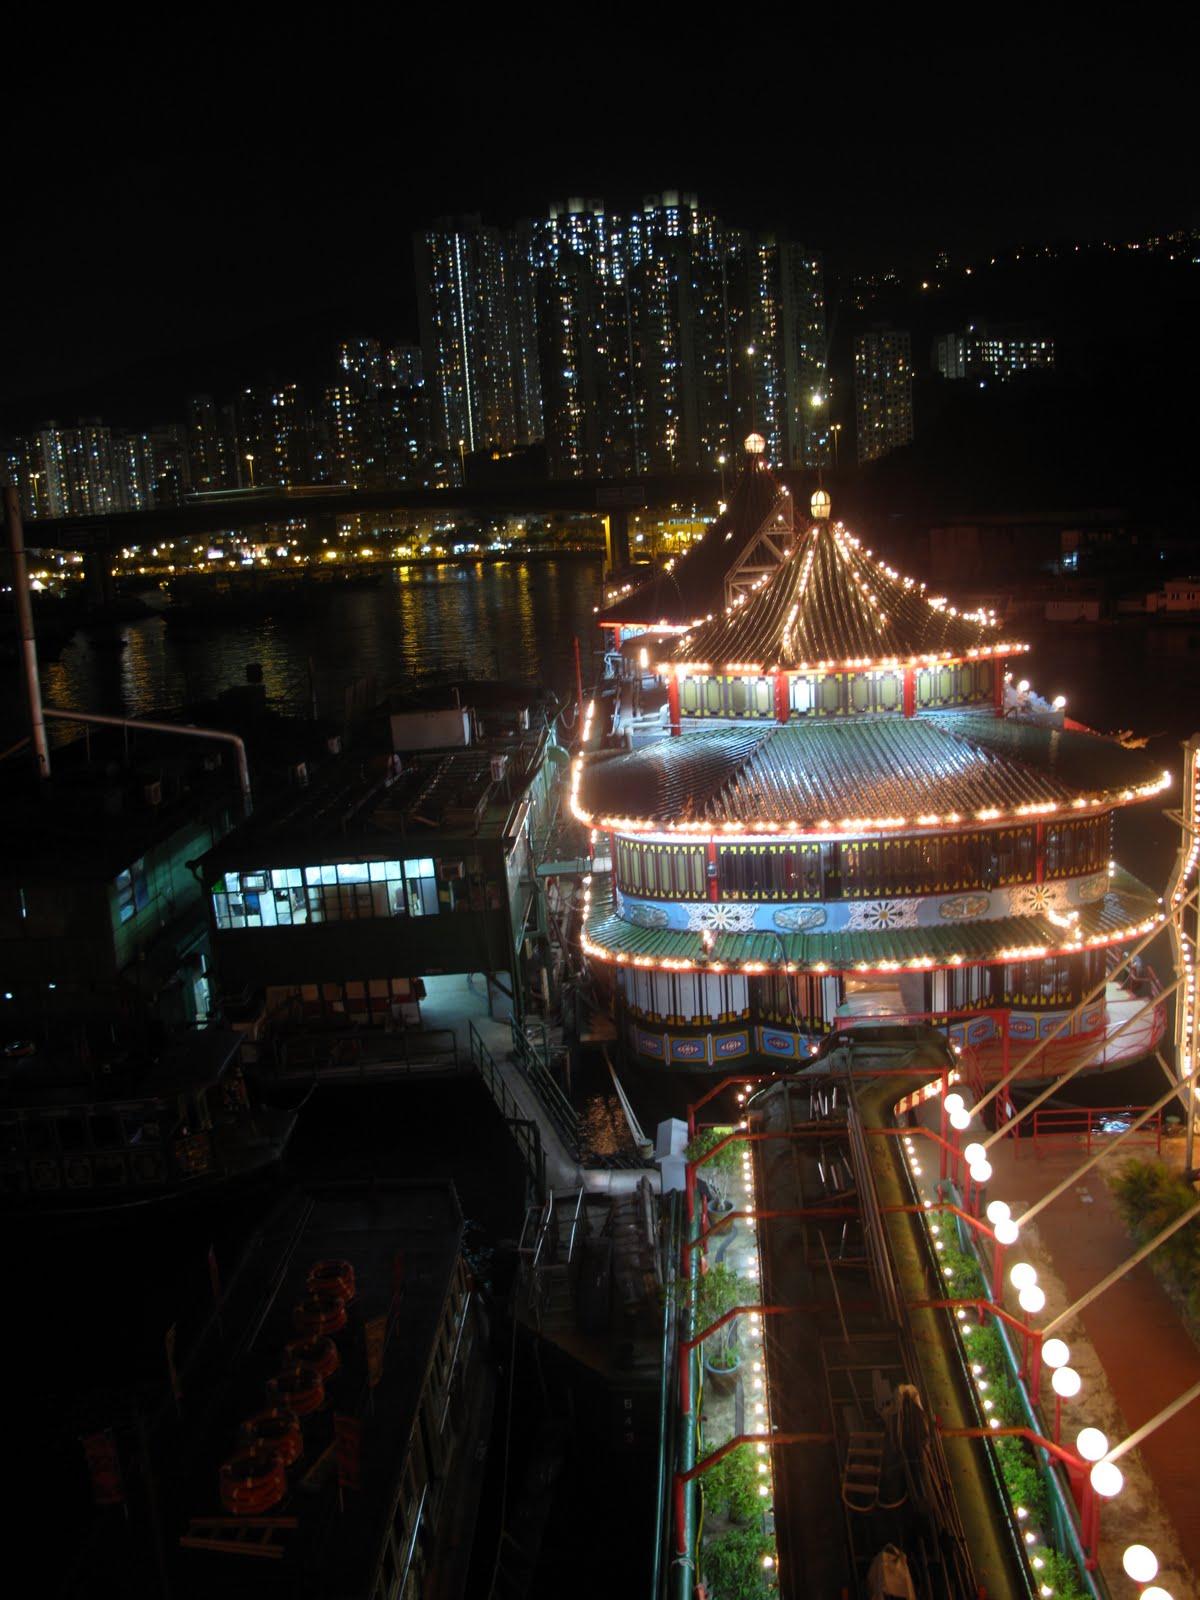 珍寶海鮮舫 top deck